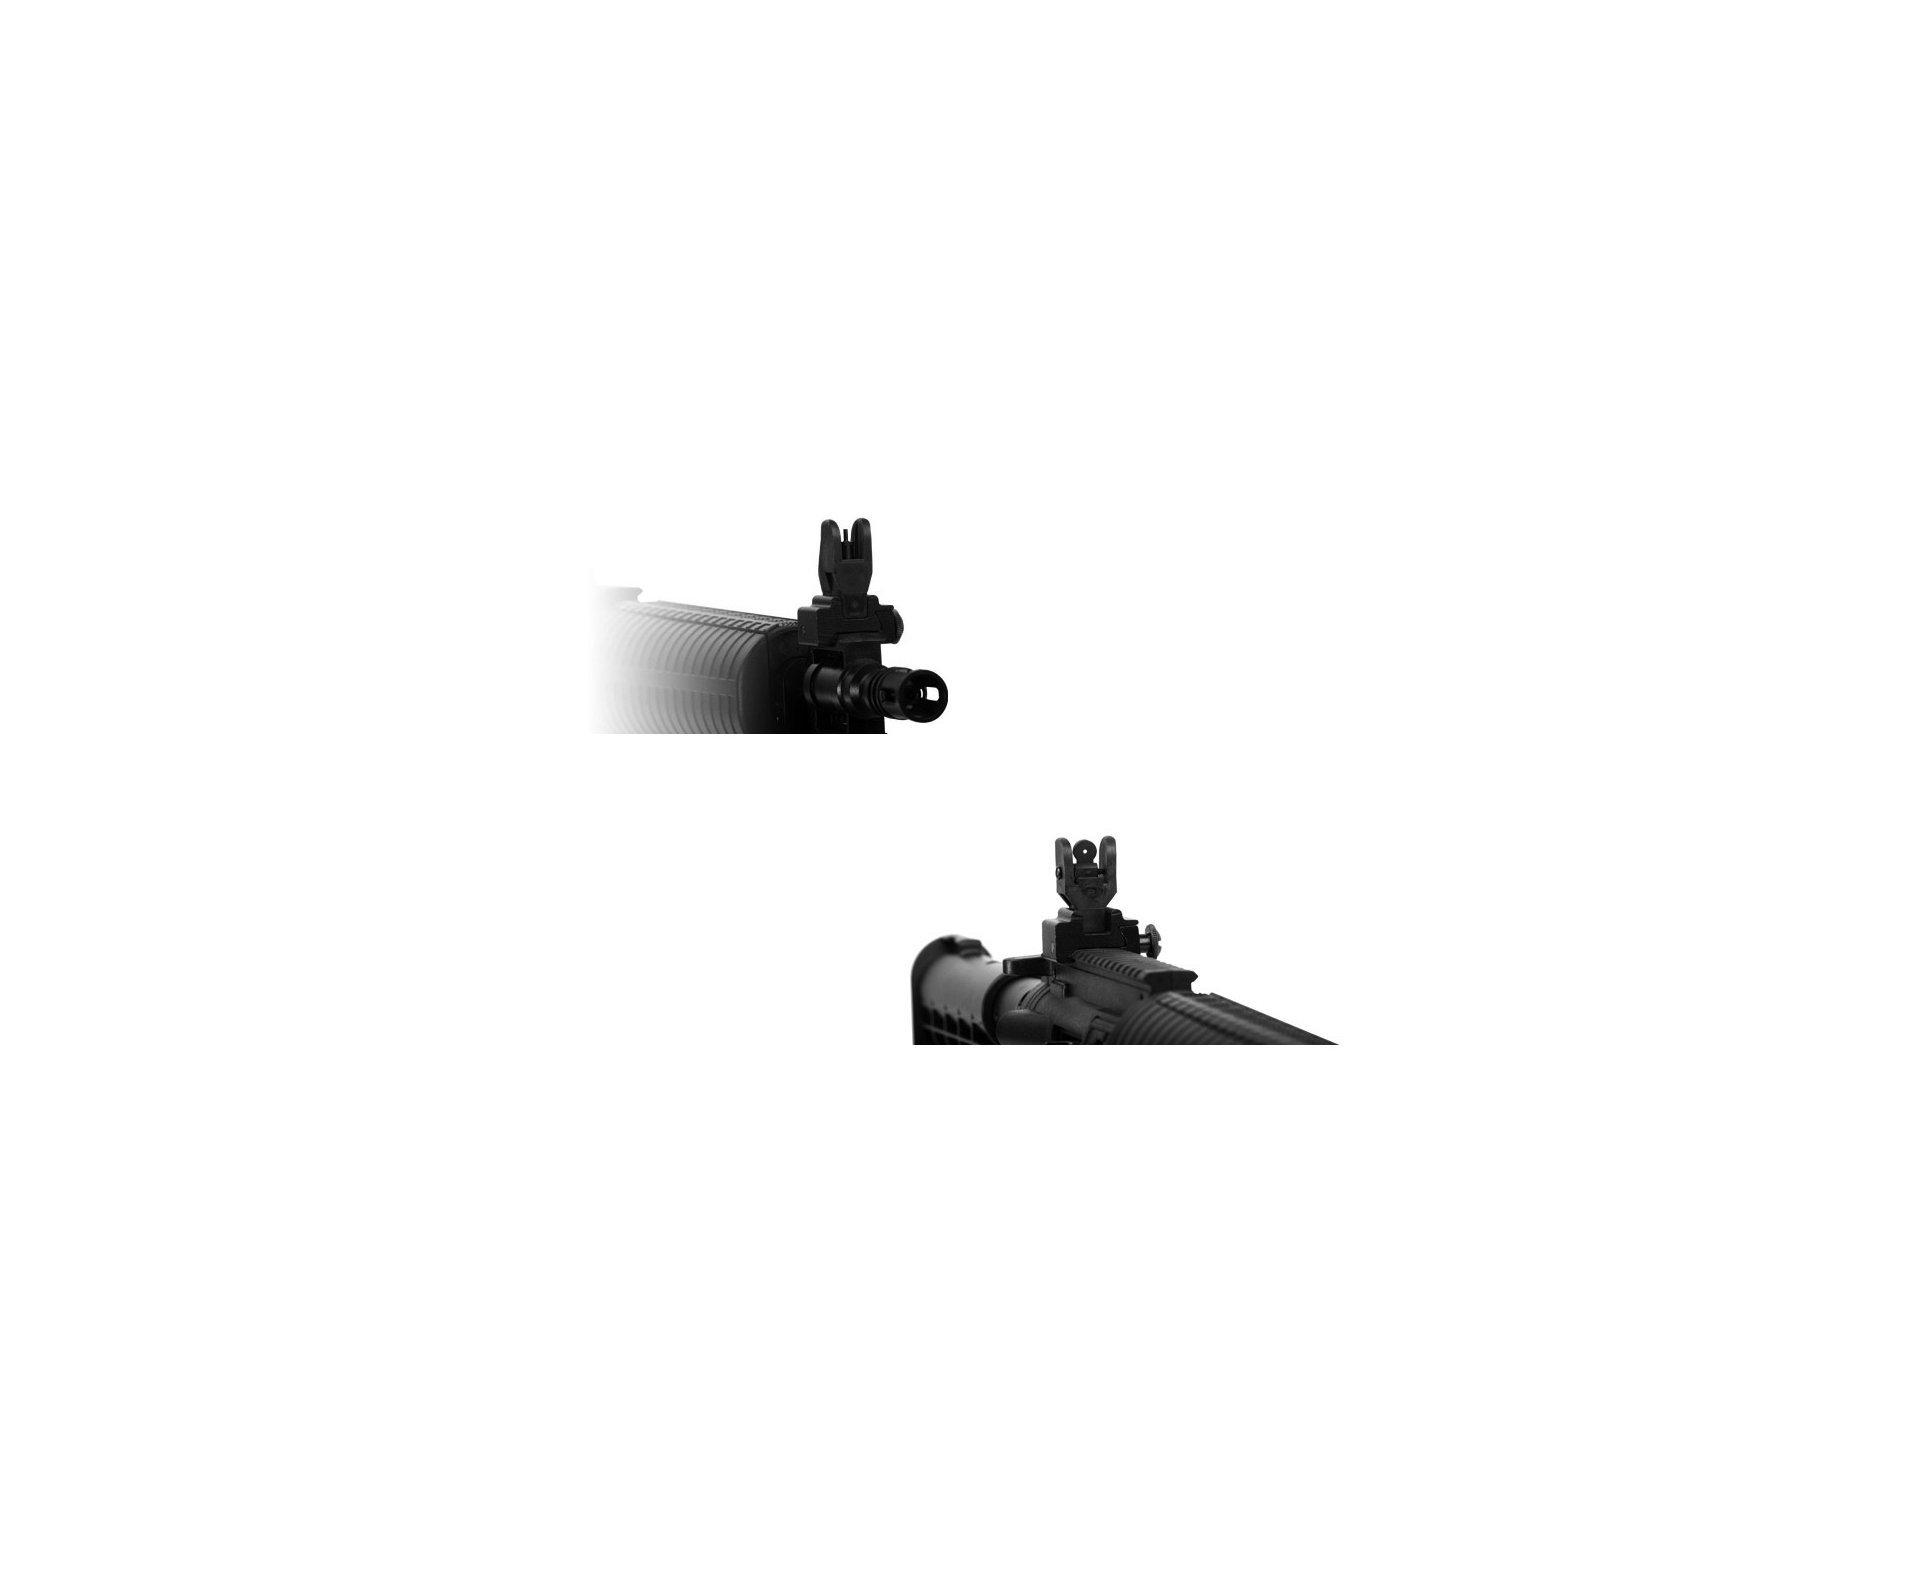 Carabina De Ar Crosman M4-177 Multi Pump - 4,5 Mm + 1500 Esferas Metalicas